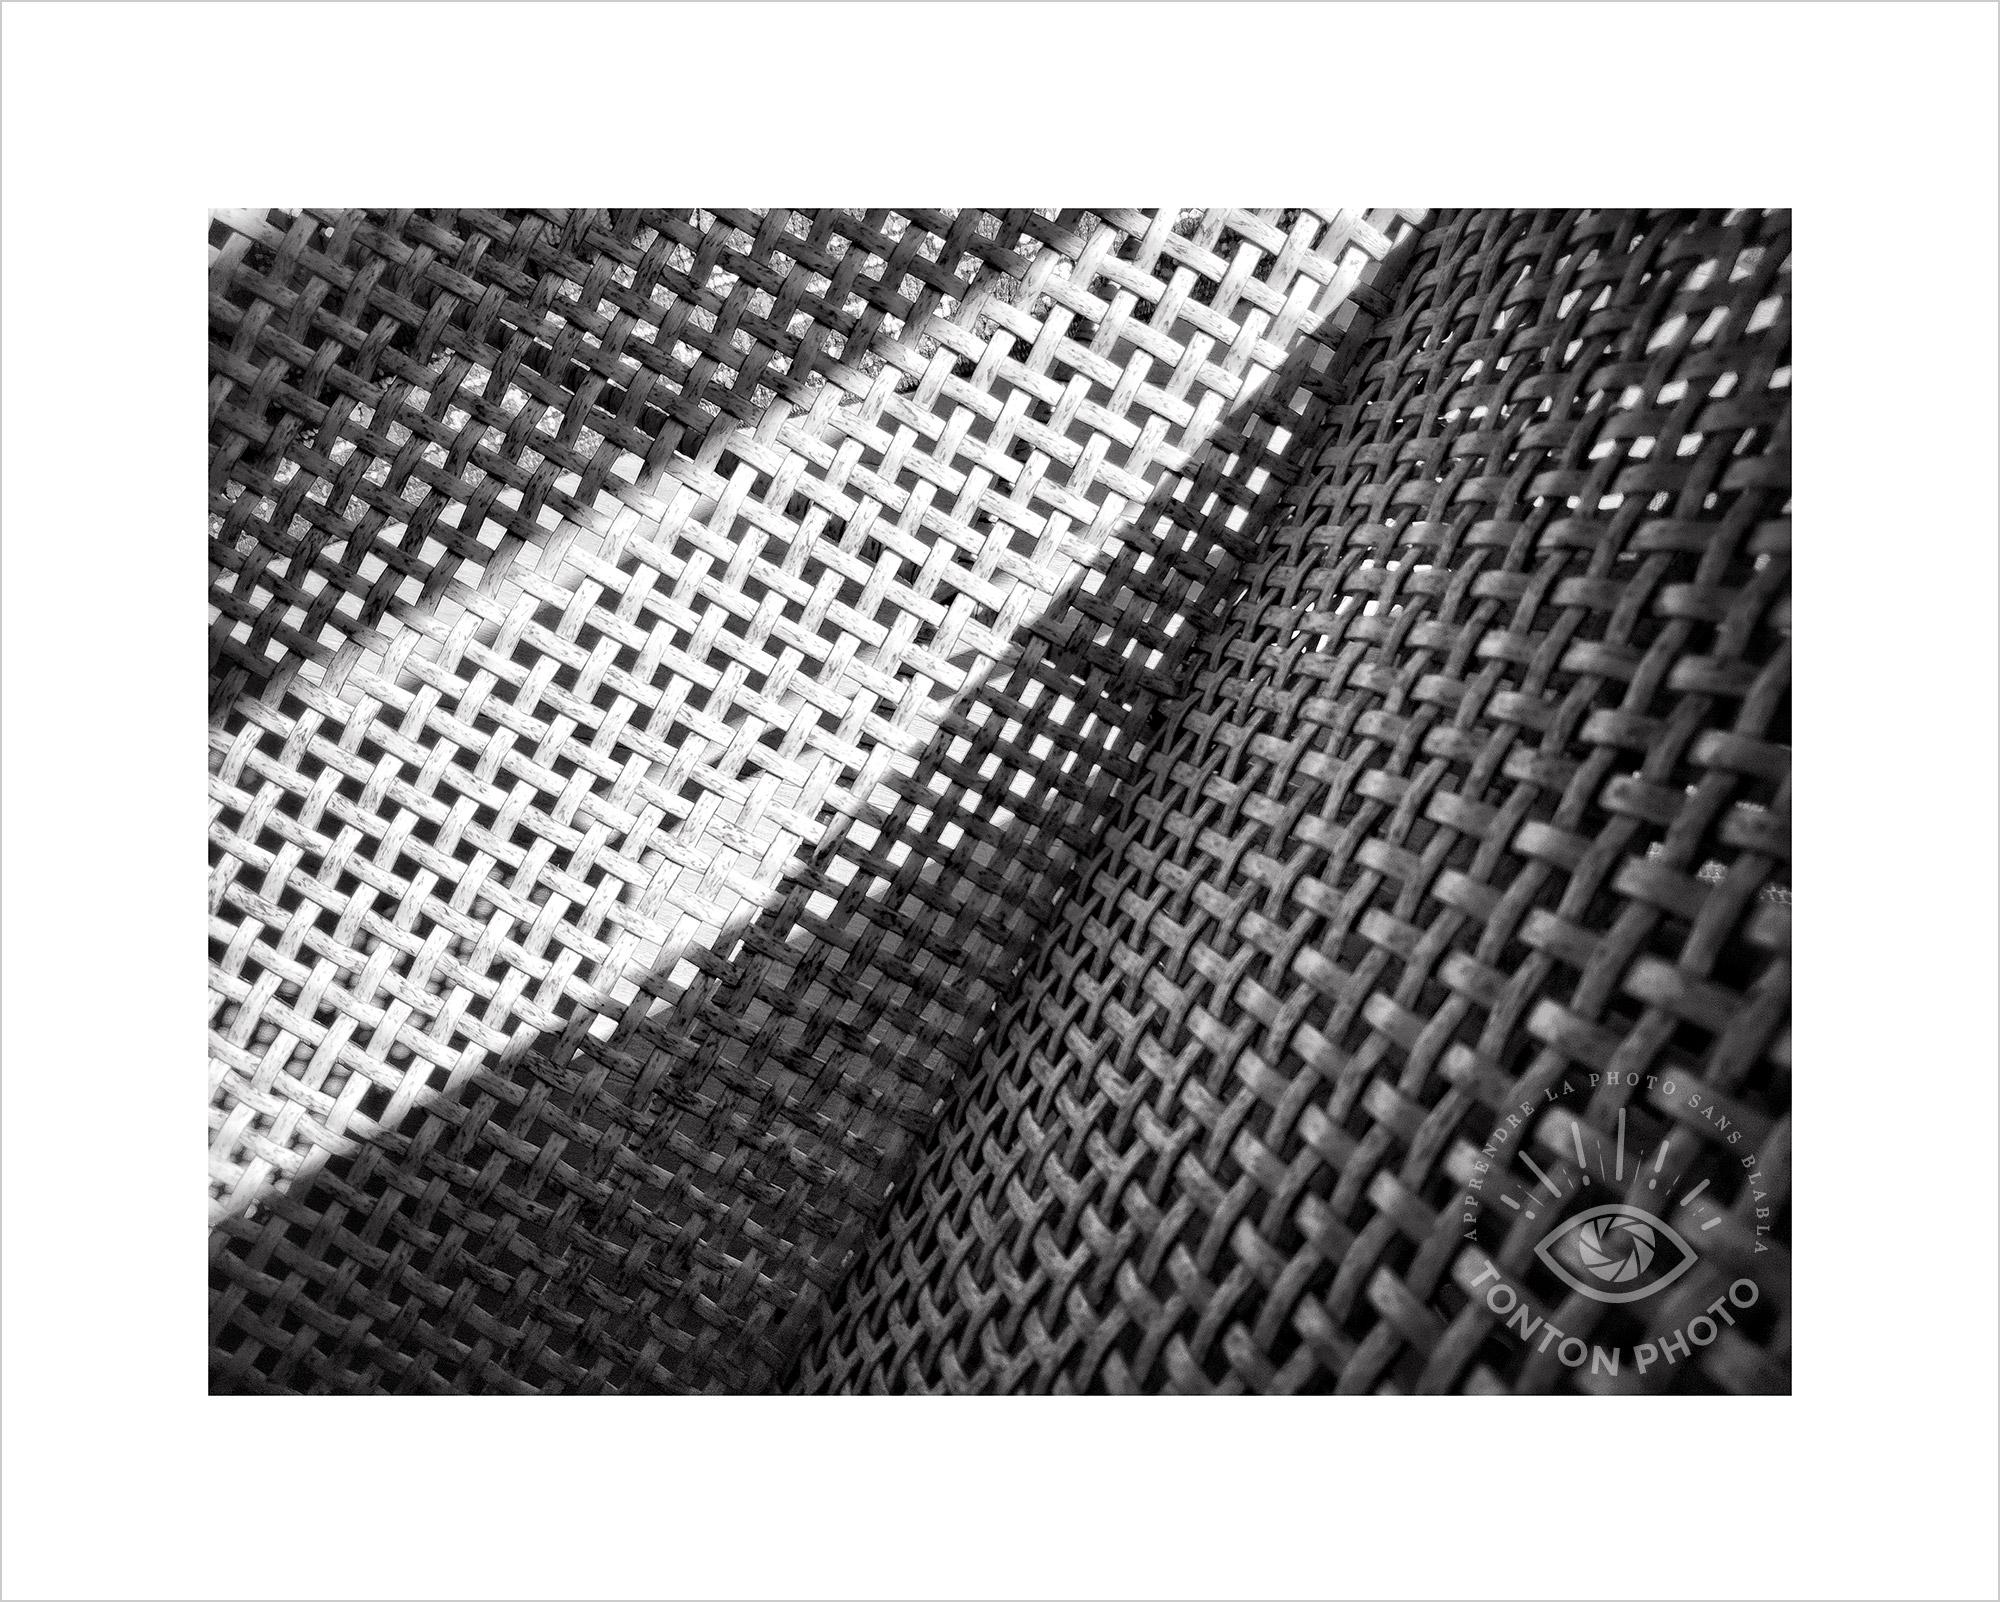 Jeu d'ombre et de lumière : les rayons du soleil sont projetés sur une chaise tressée. Je l'ai photographiée d'au-dessus et cadrée de manière à jouer avec les lignes multiples et les formes. Photo prise au smartphone Xiaomi Mi Mix 3 © Tonton Photo